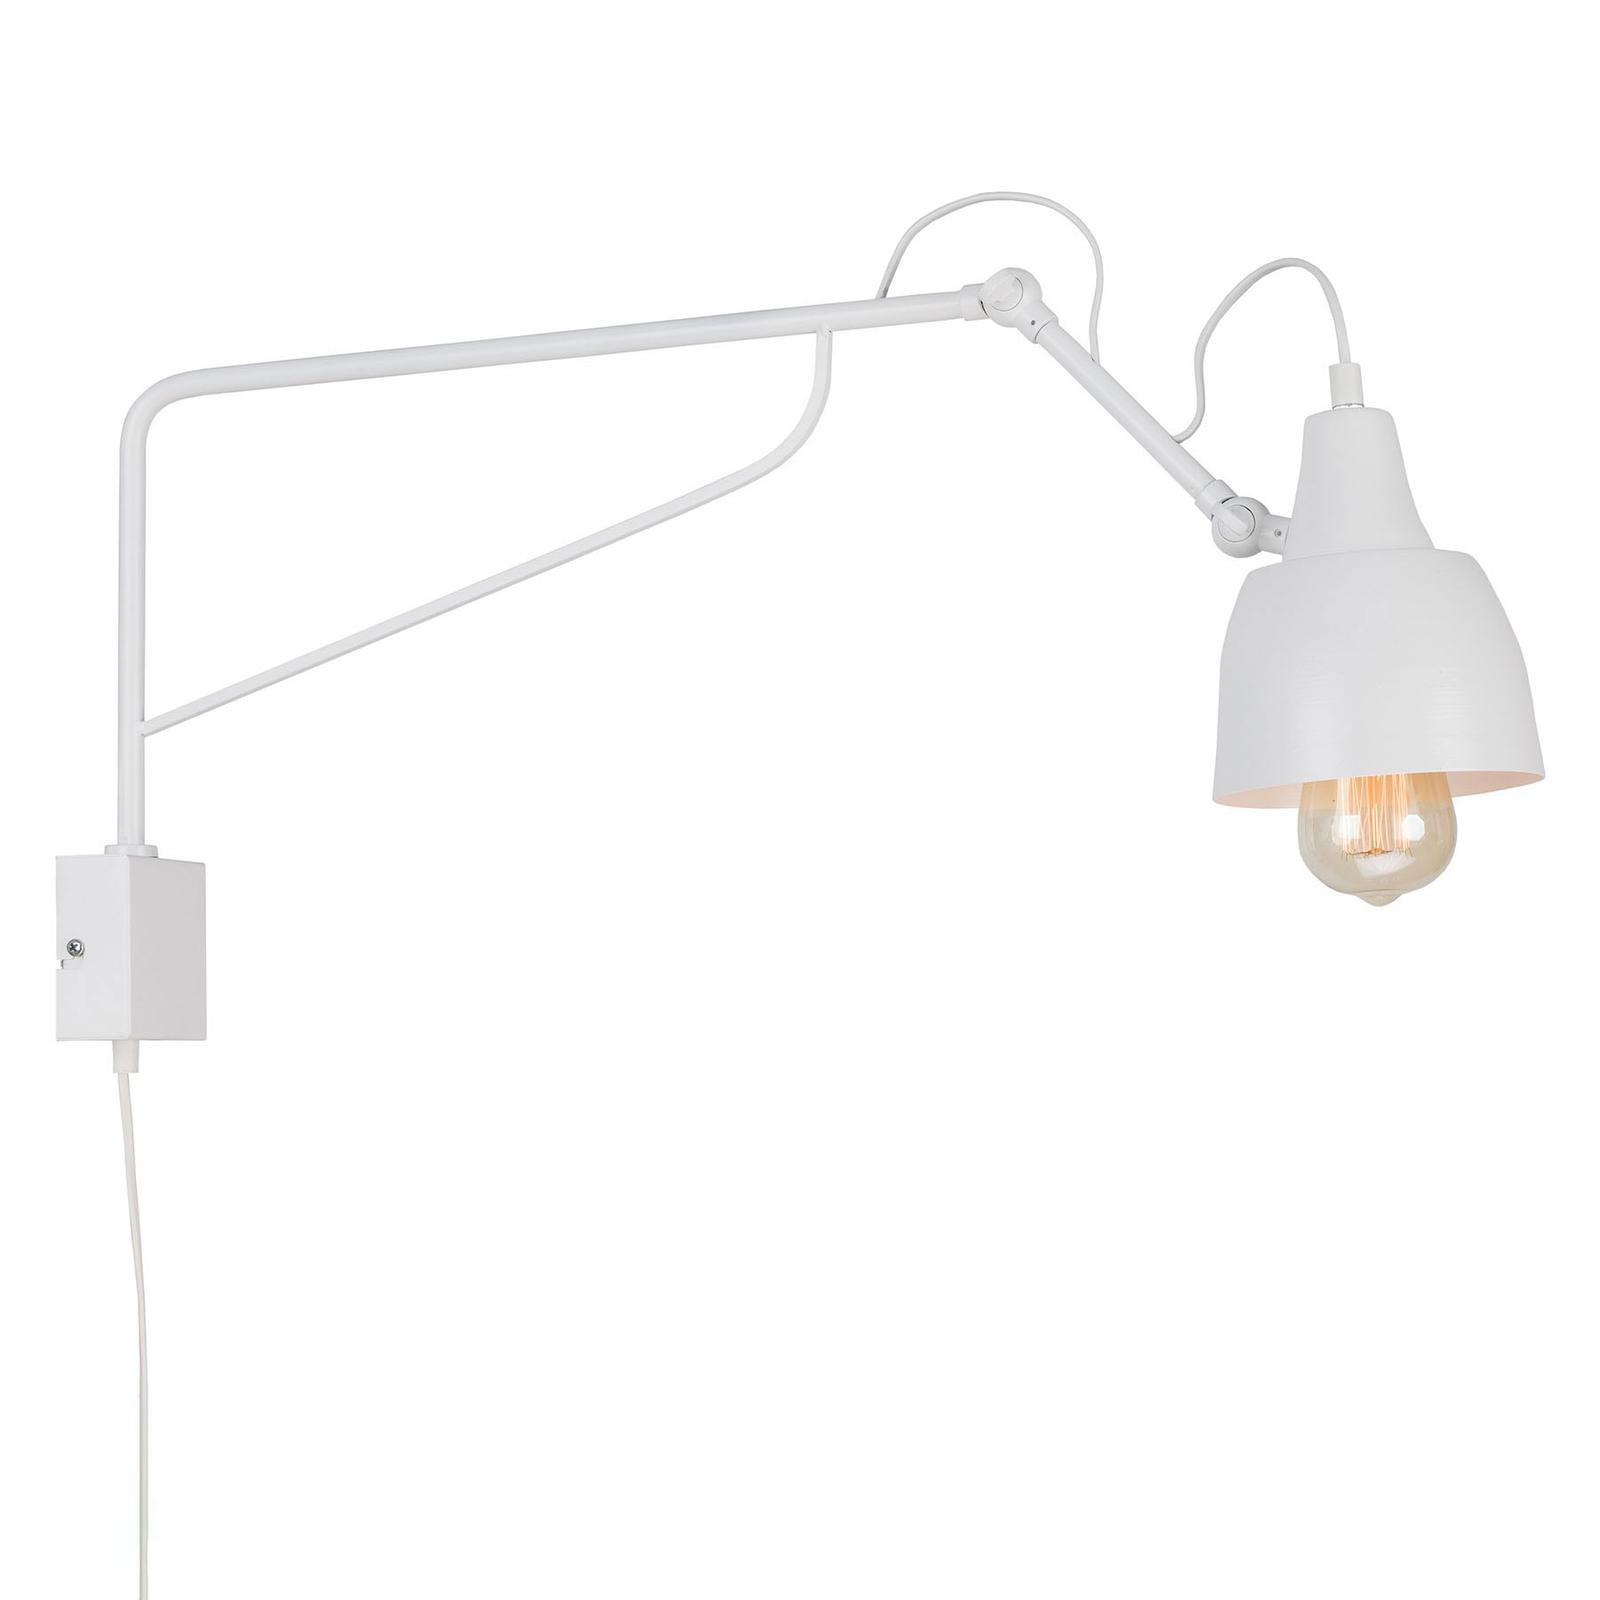 Væglampe 1002 med stik, 1 lyskilde, hvid